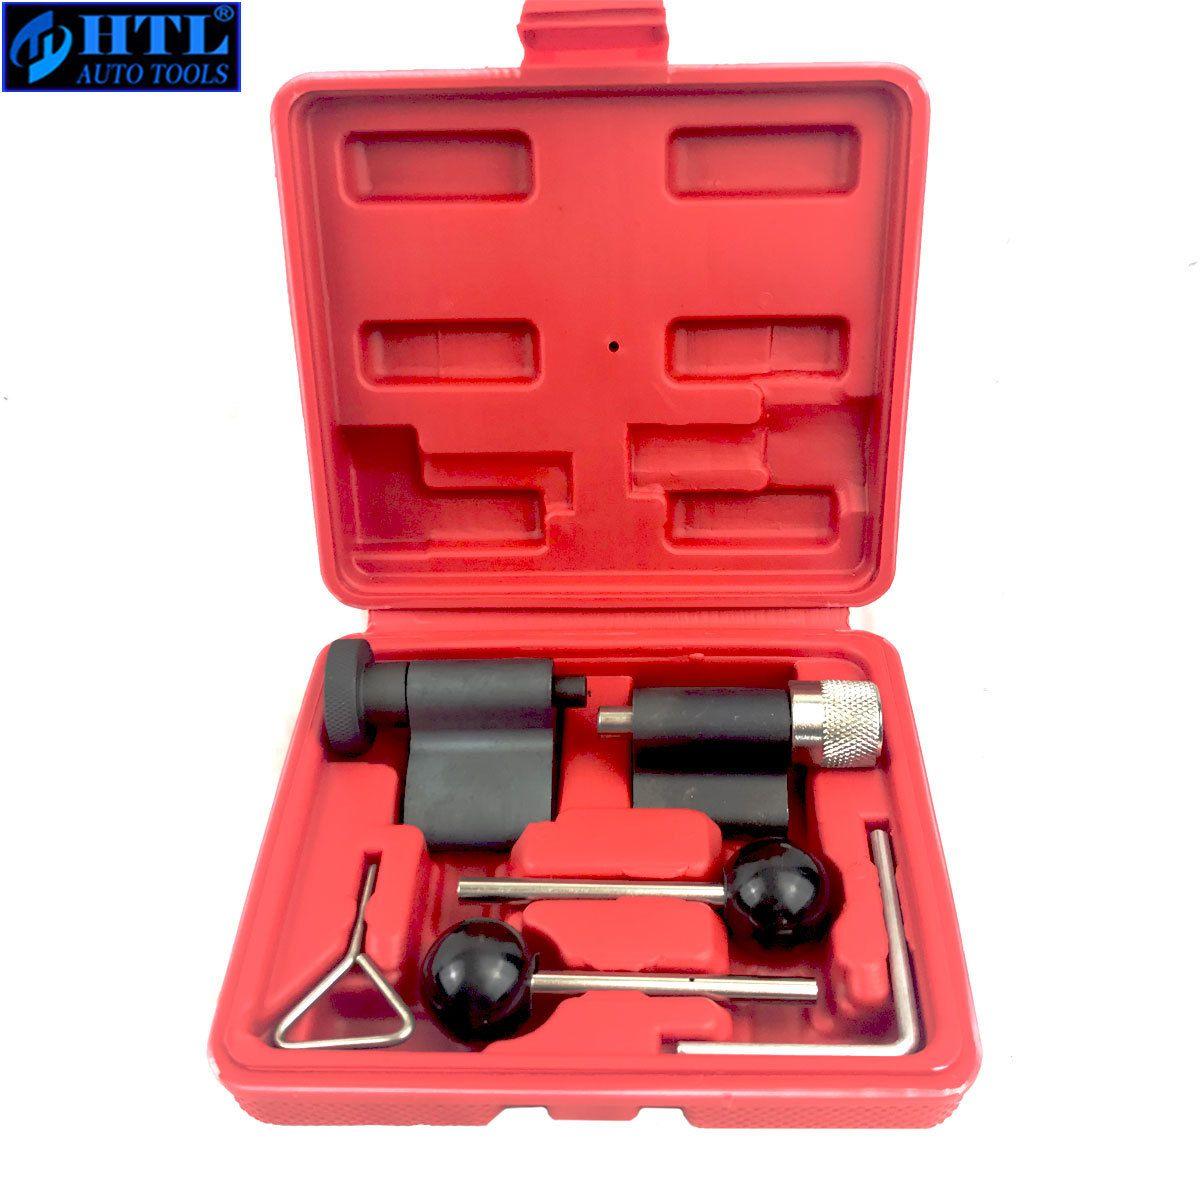 6pc ensemble d'outils de verrouillage de manivelle de distribution de moteur Diesel universel pour VW AUDI T10050 T10100